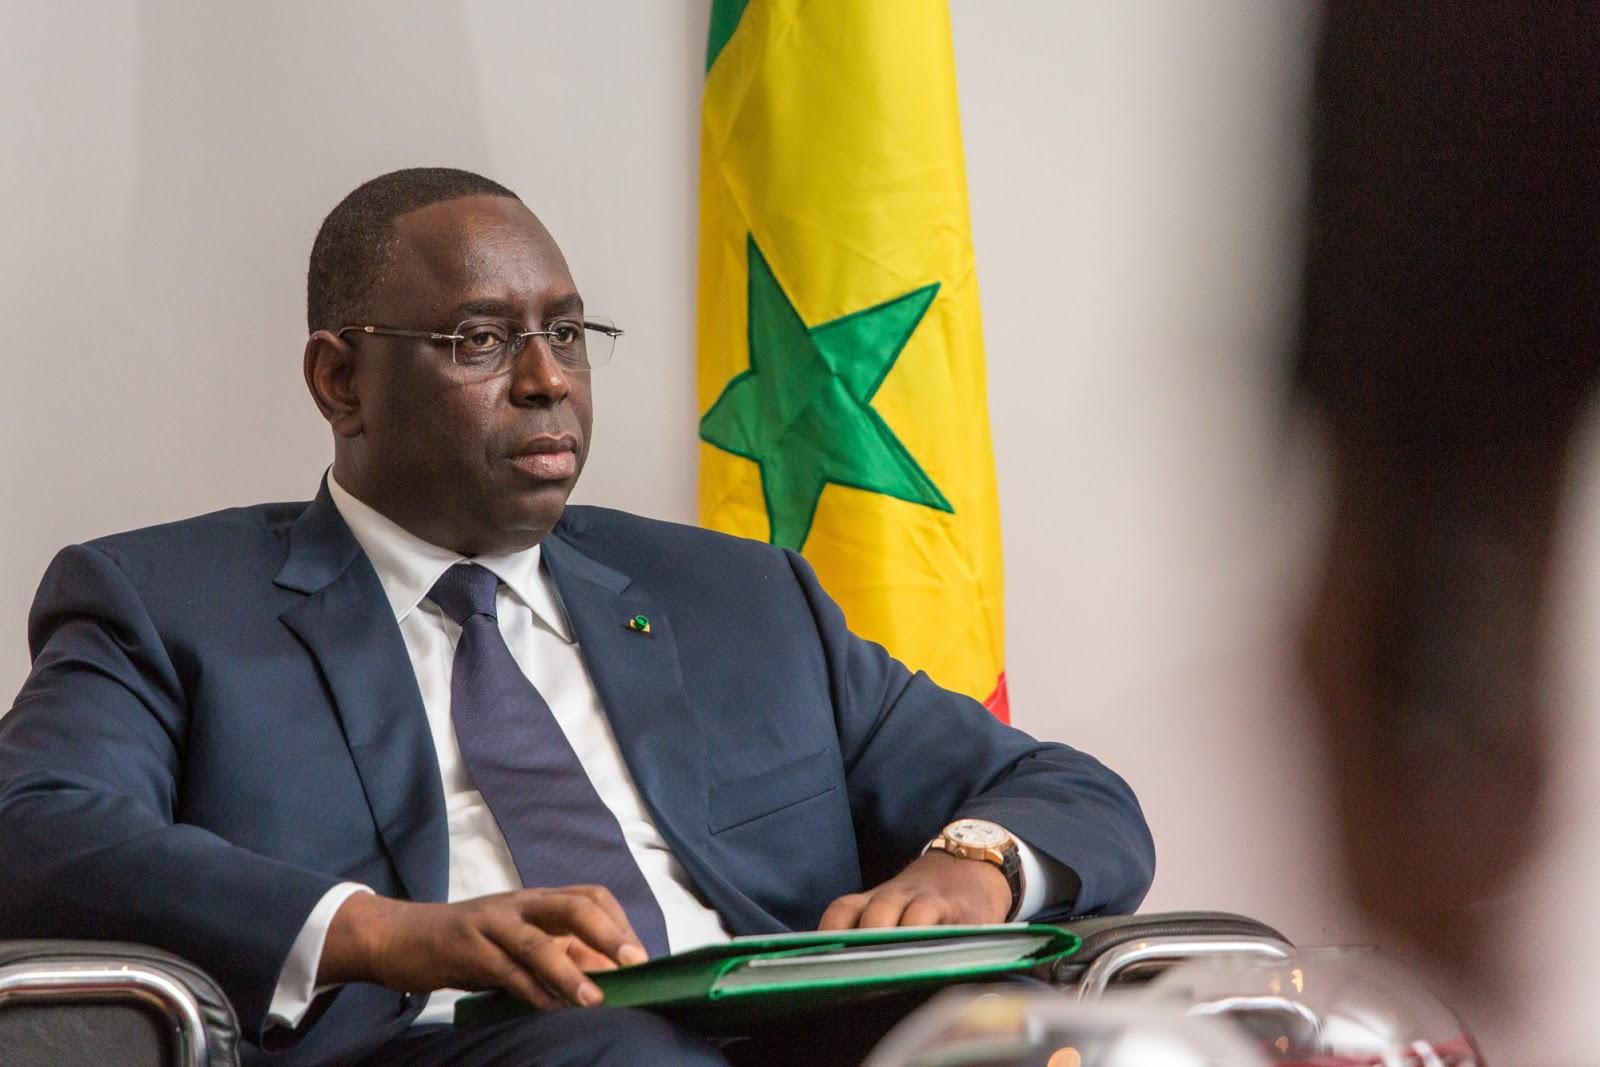 رئاسيات السنغال: ماكي سال يفوز بولاية ثانية من خمس سنوات